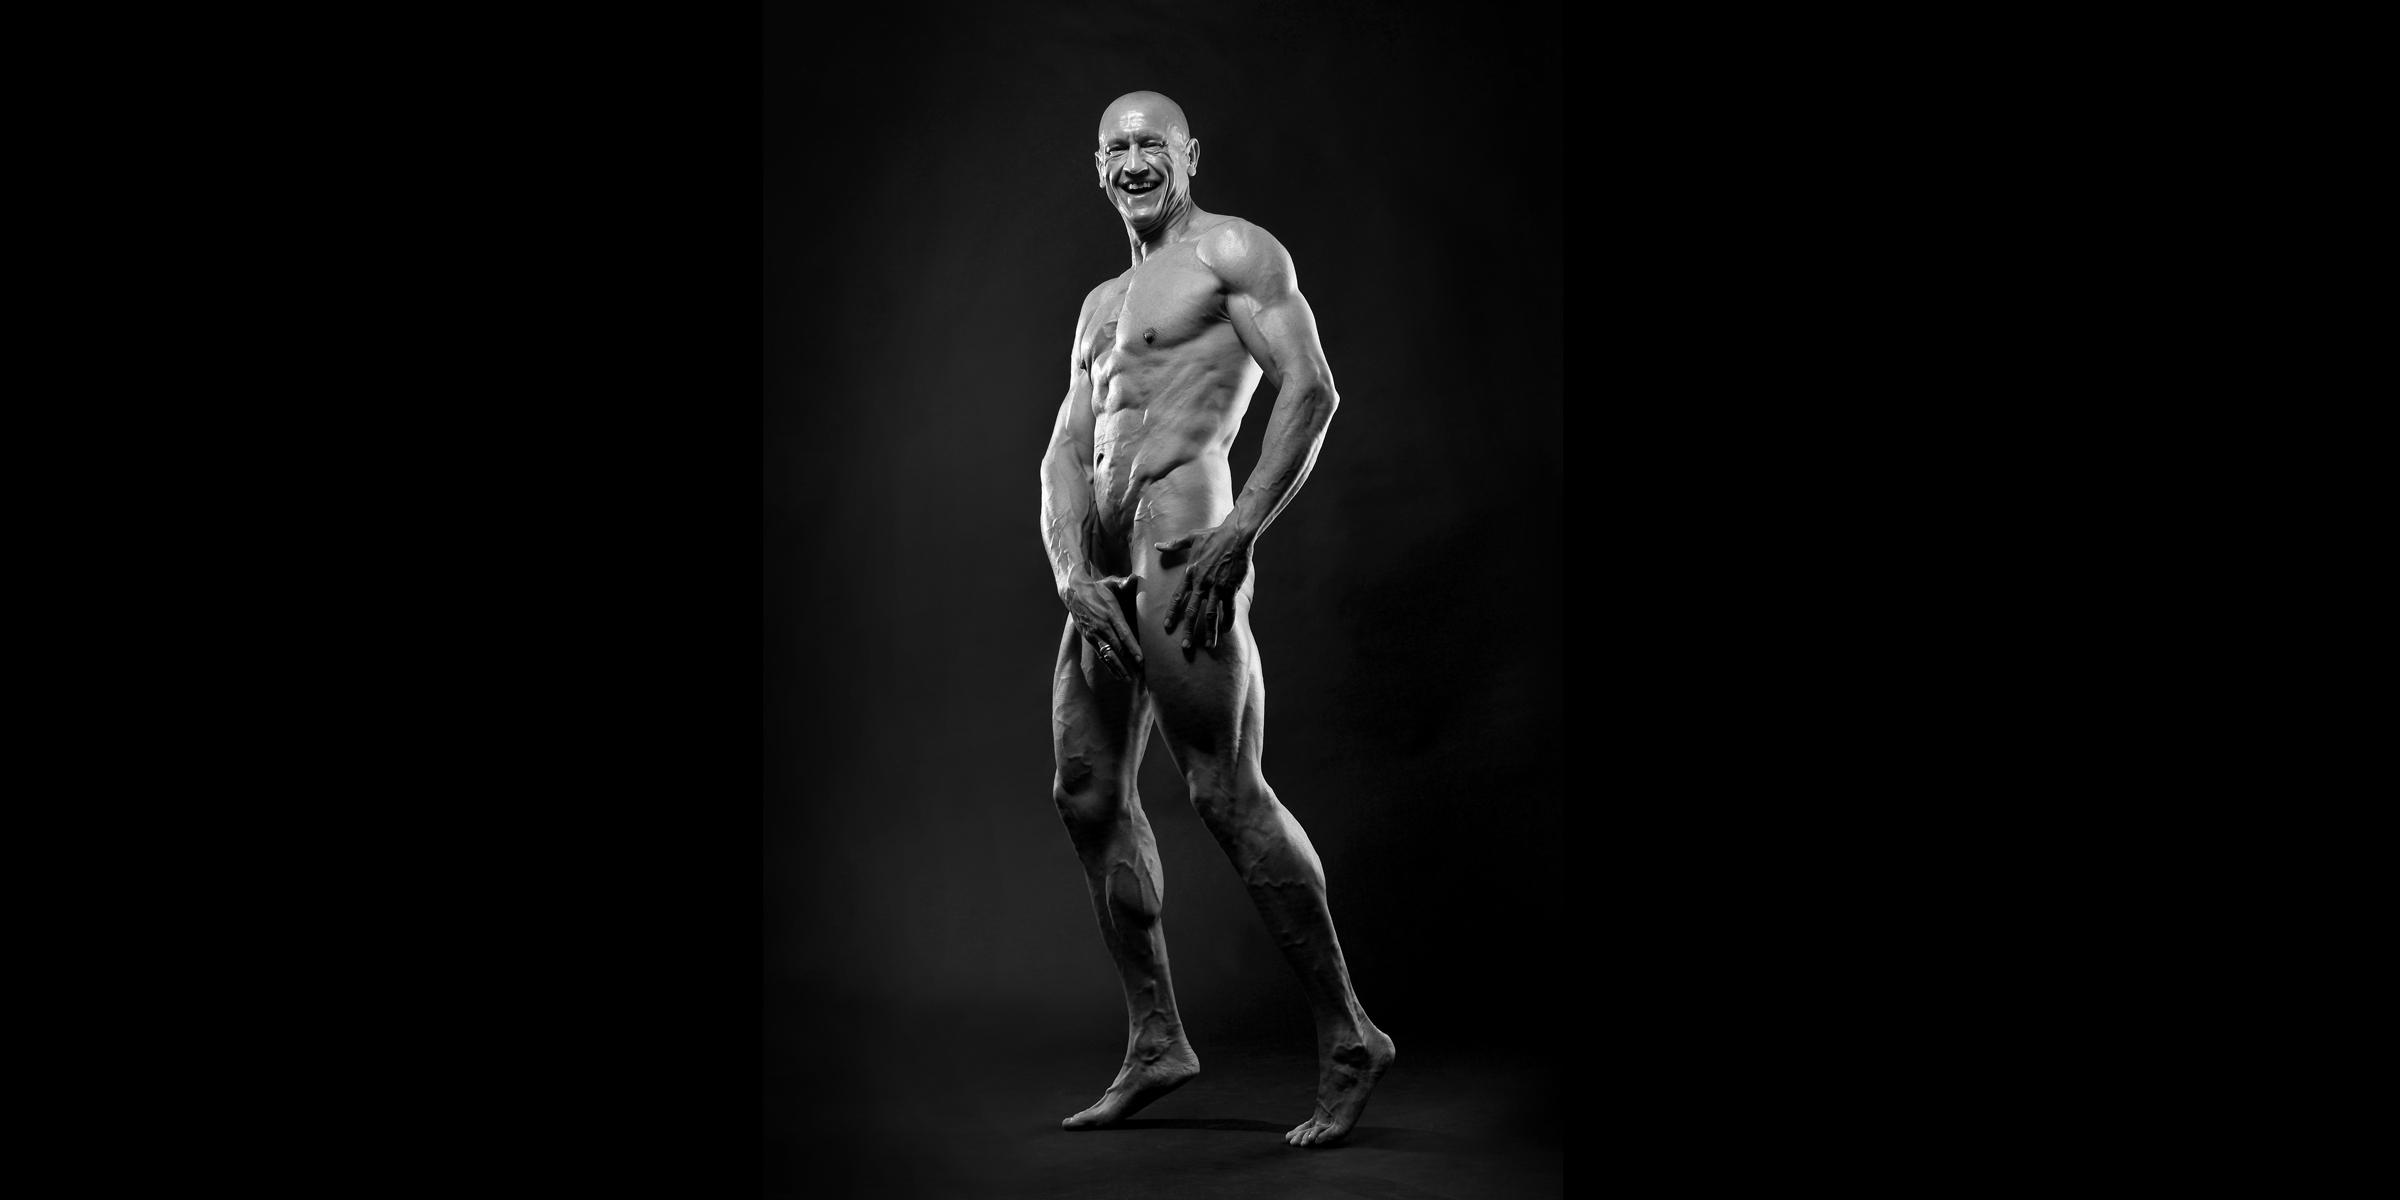 Schwarz-weiße Vorderansicht eines sportlichen Mannes, der freundlich lacht und seine Hände vor die Genitalien hält.